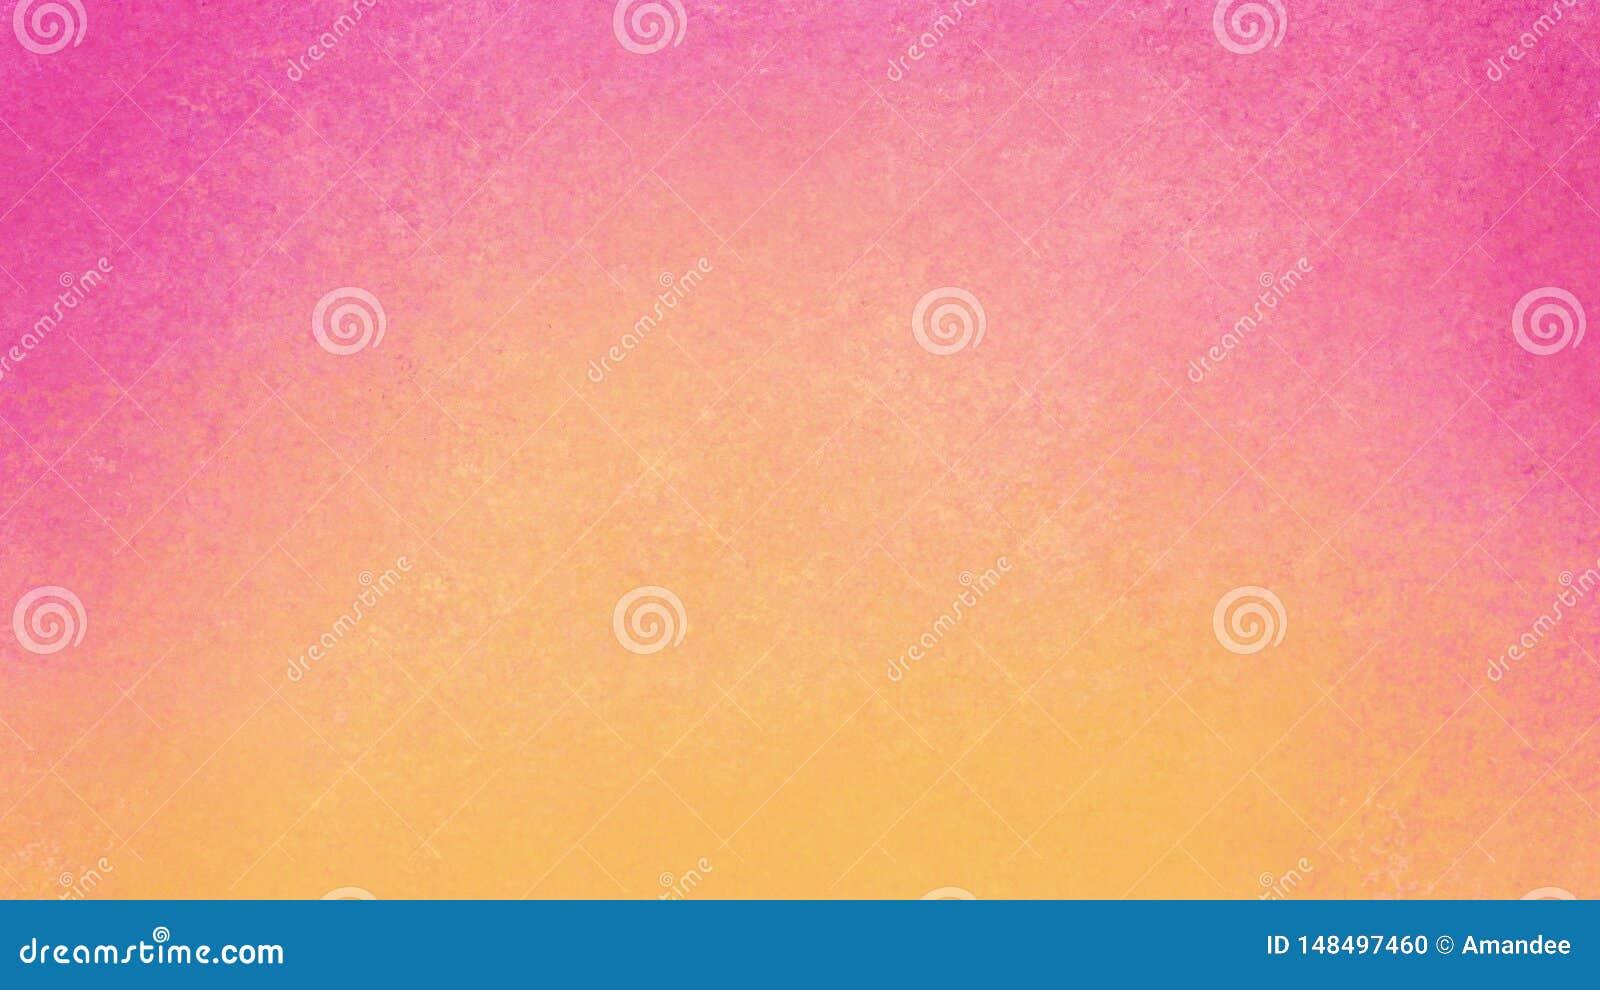 Пинк и желтая предпосылка со старой винтажной текстурой в красочном абстрактном дизайне